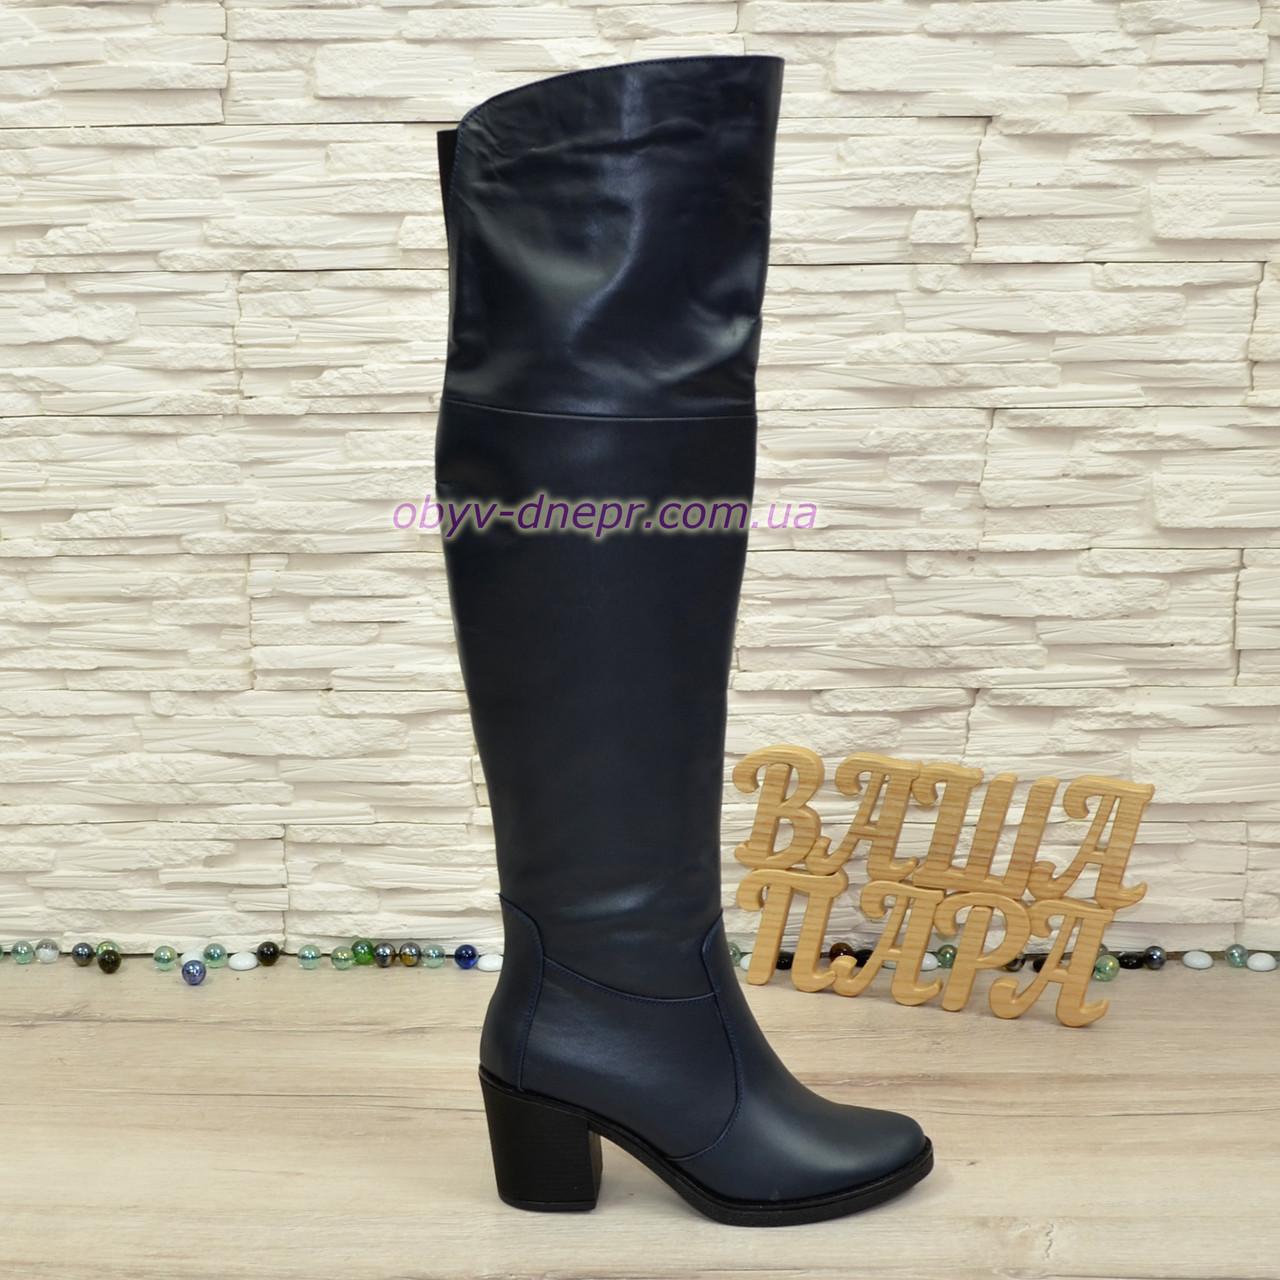 Ботфорты зимние кожаные на устойчивом каблуке, цвет синий.